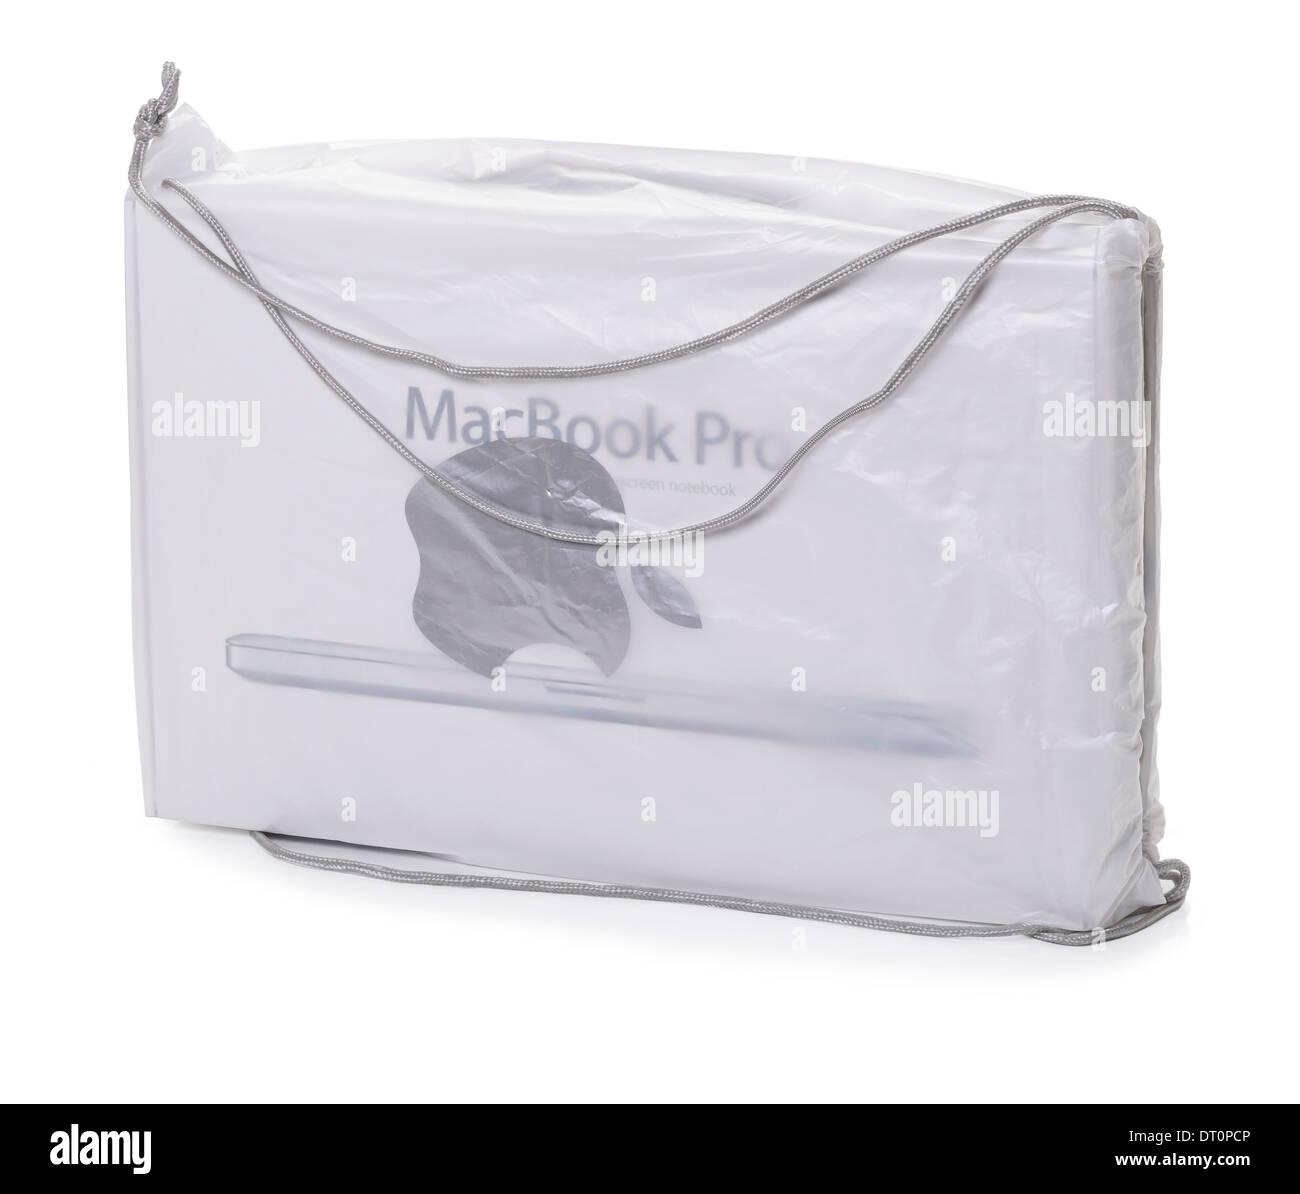 Un ordinateur portable MacBook Pro Apple à l'intérieur d'un sac de transport au détail Photo Stock